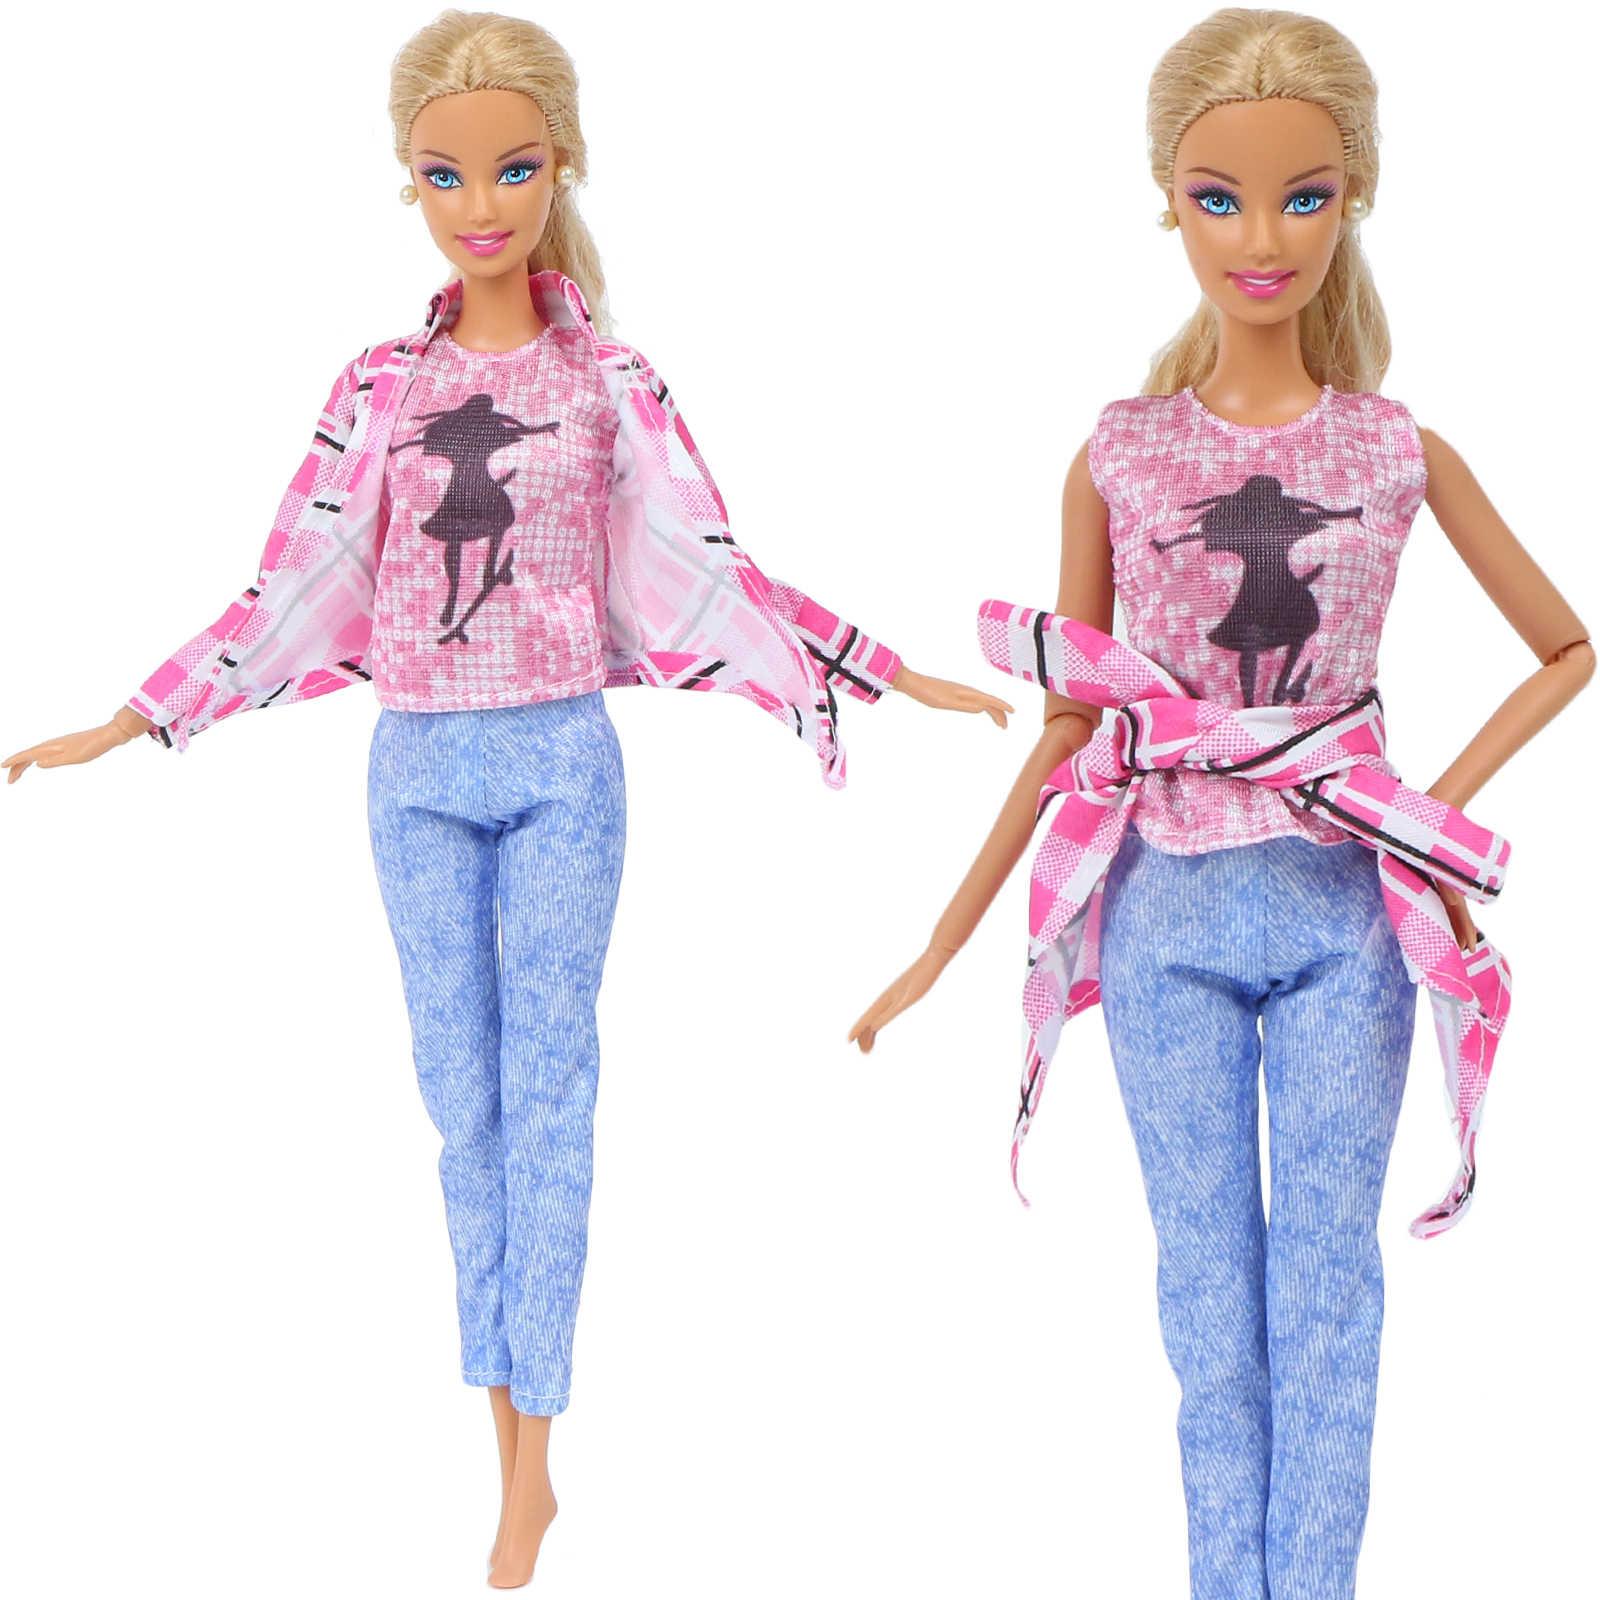 Одежда ручной работы Обычная Повседневная одежда розовая рубашка милая блузка спортивные штаны платье юбка Одежда для куклы Барби аксессуары детская игрушка